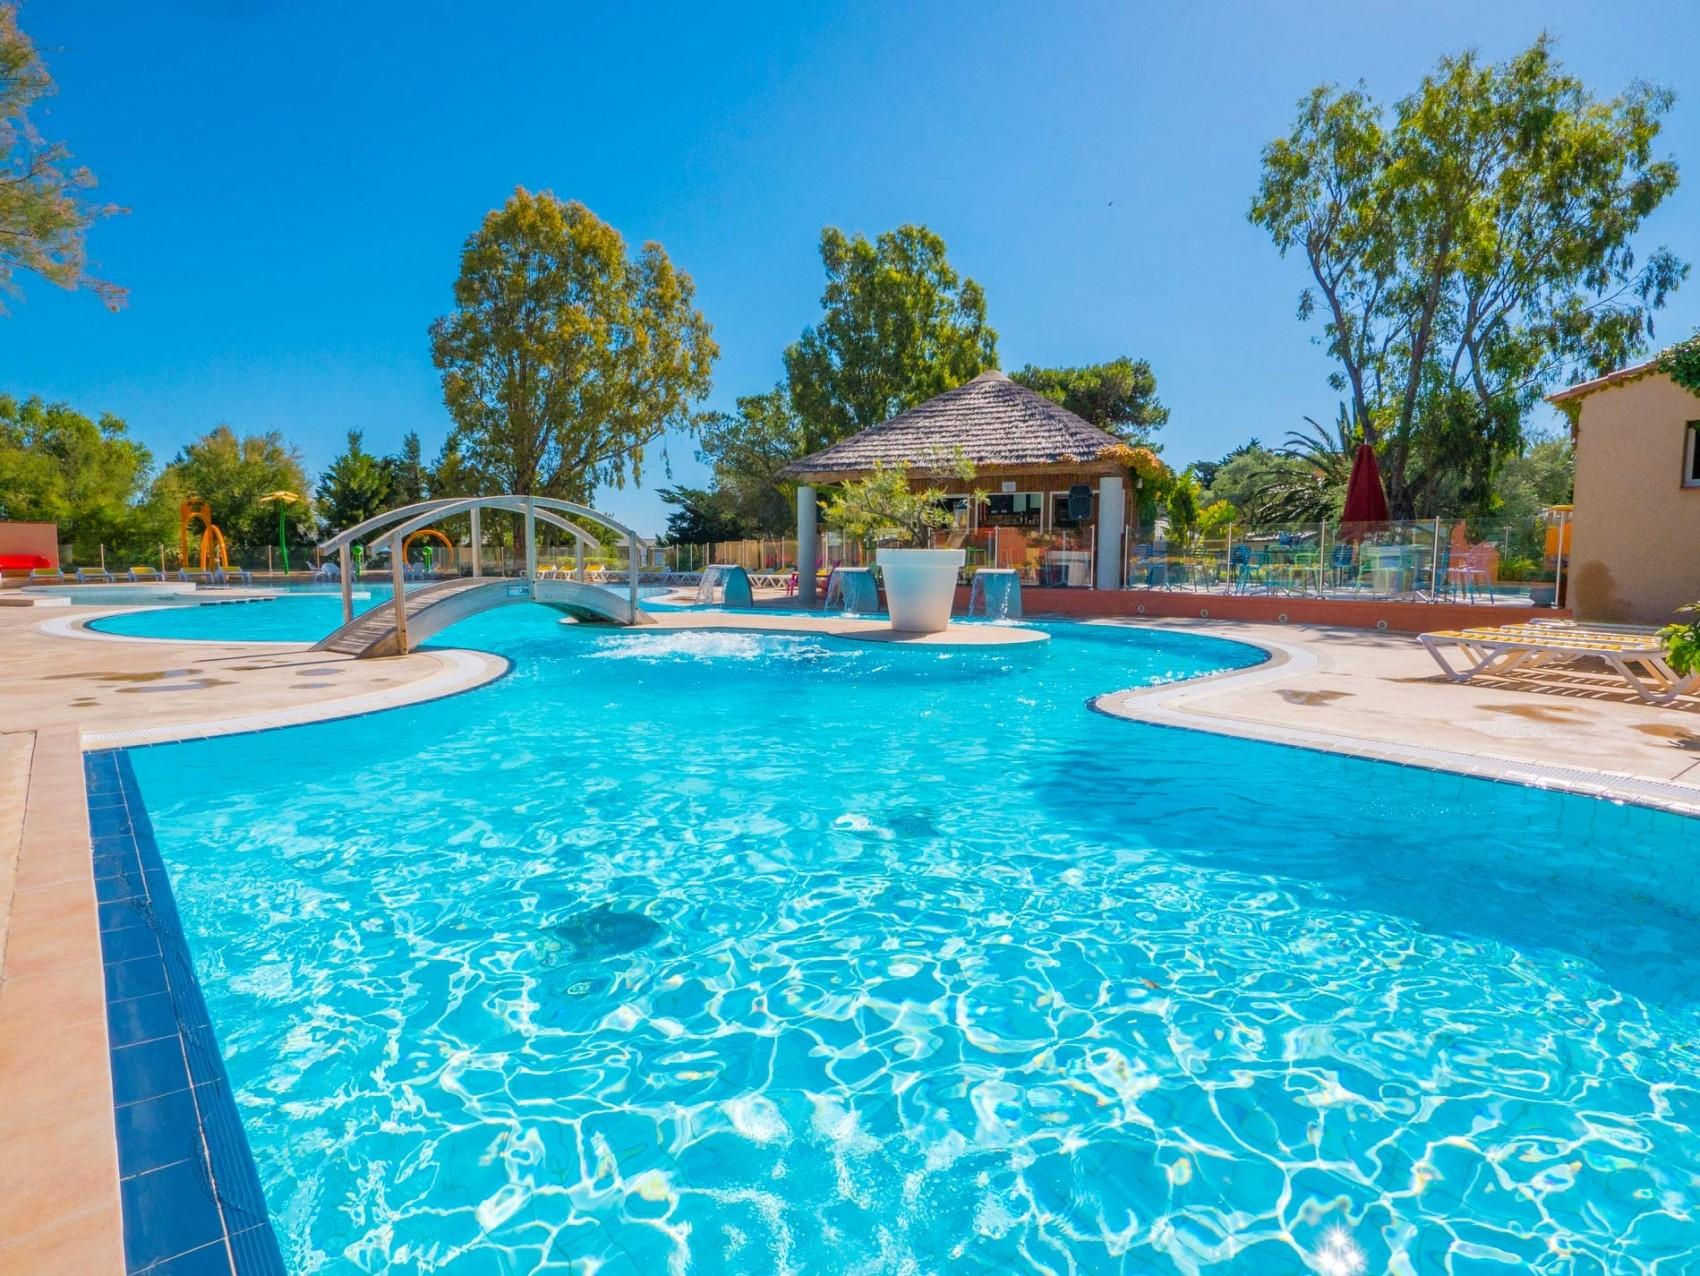 Camping avec piscine au barcar s pyr n es orientales le - Camping a valras plage avec piscine ...